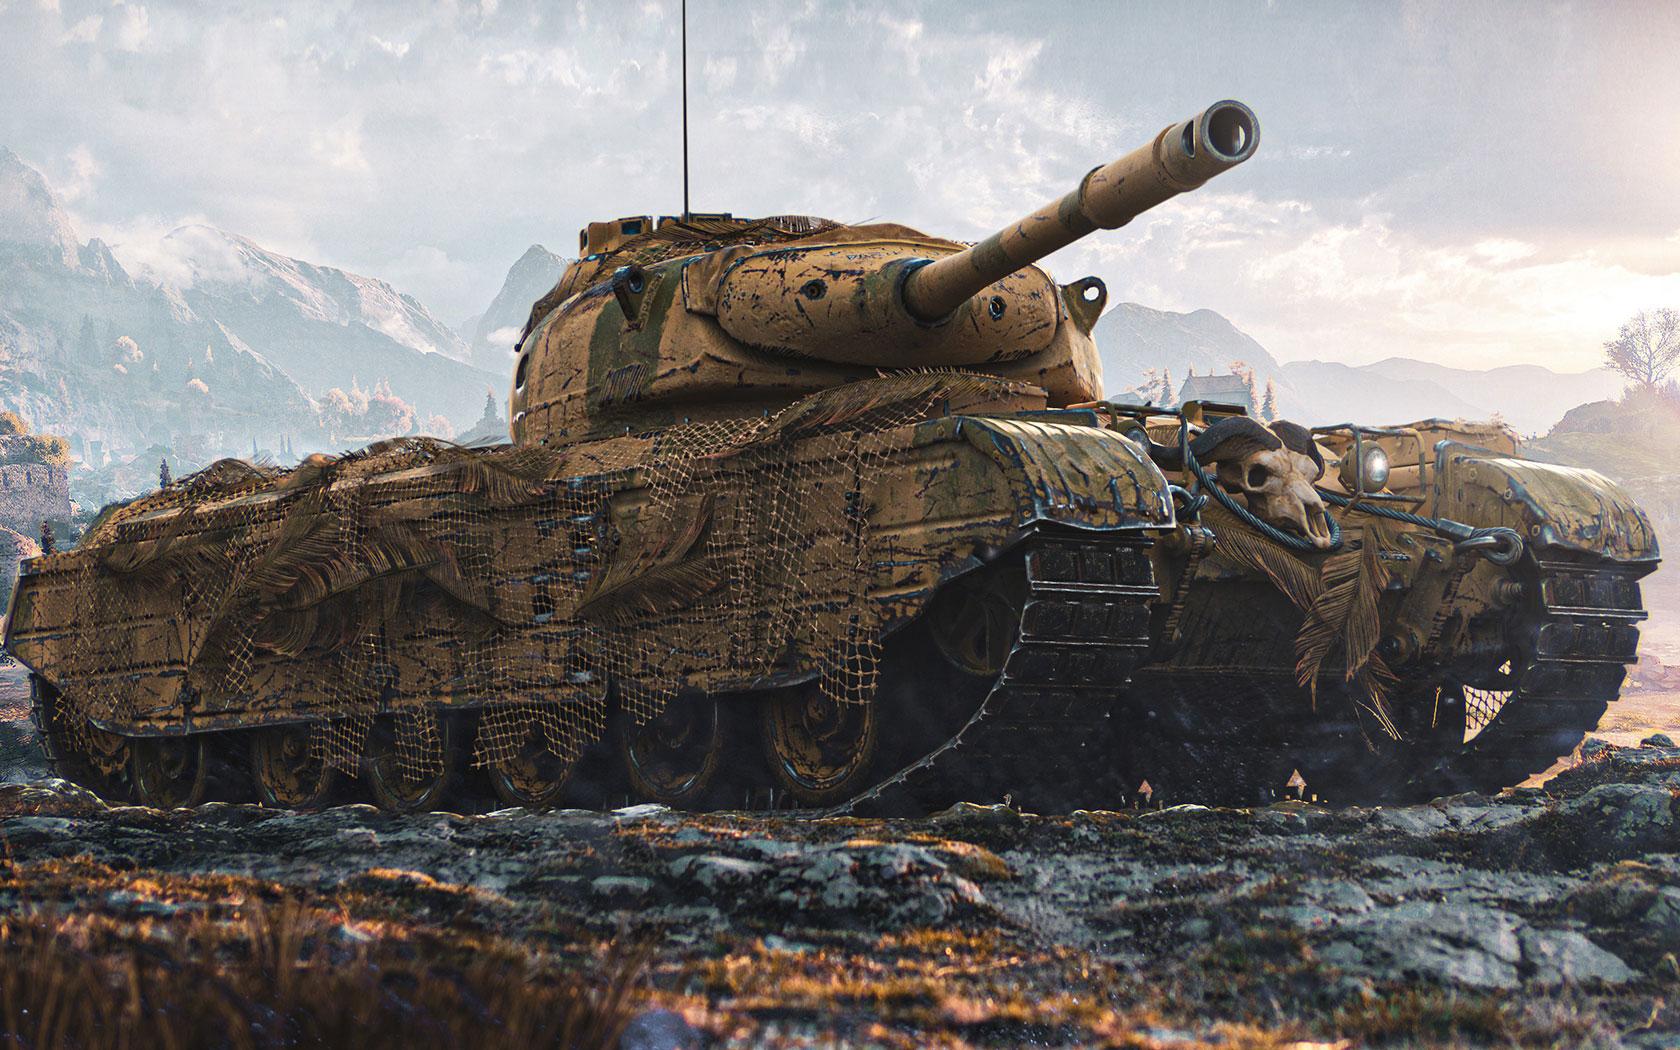 Pc用壁紙 サファリ コラッツァート World Of Tanks 戦車 World